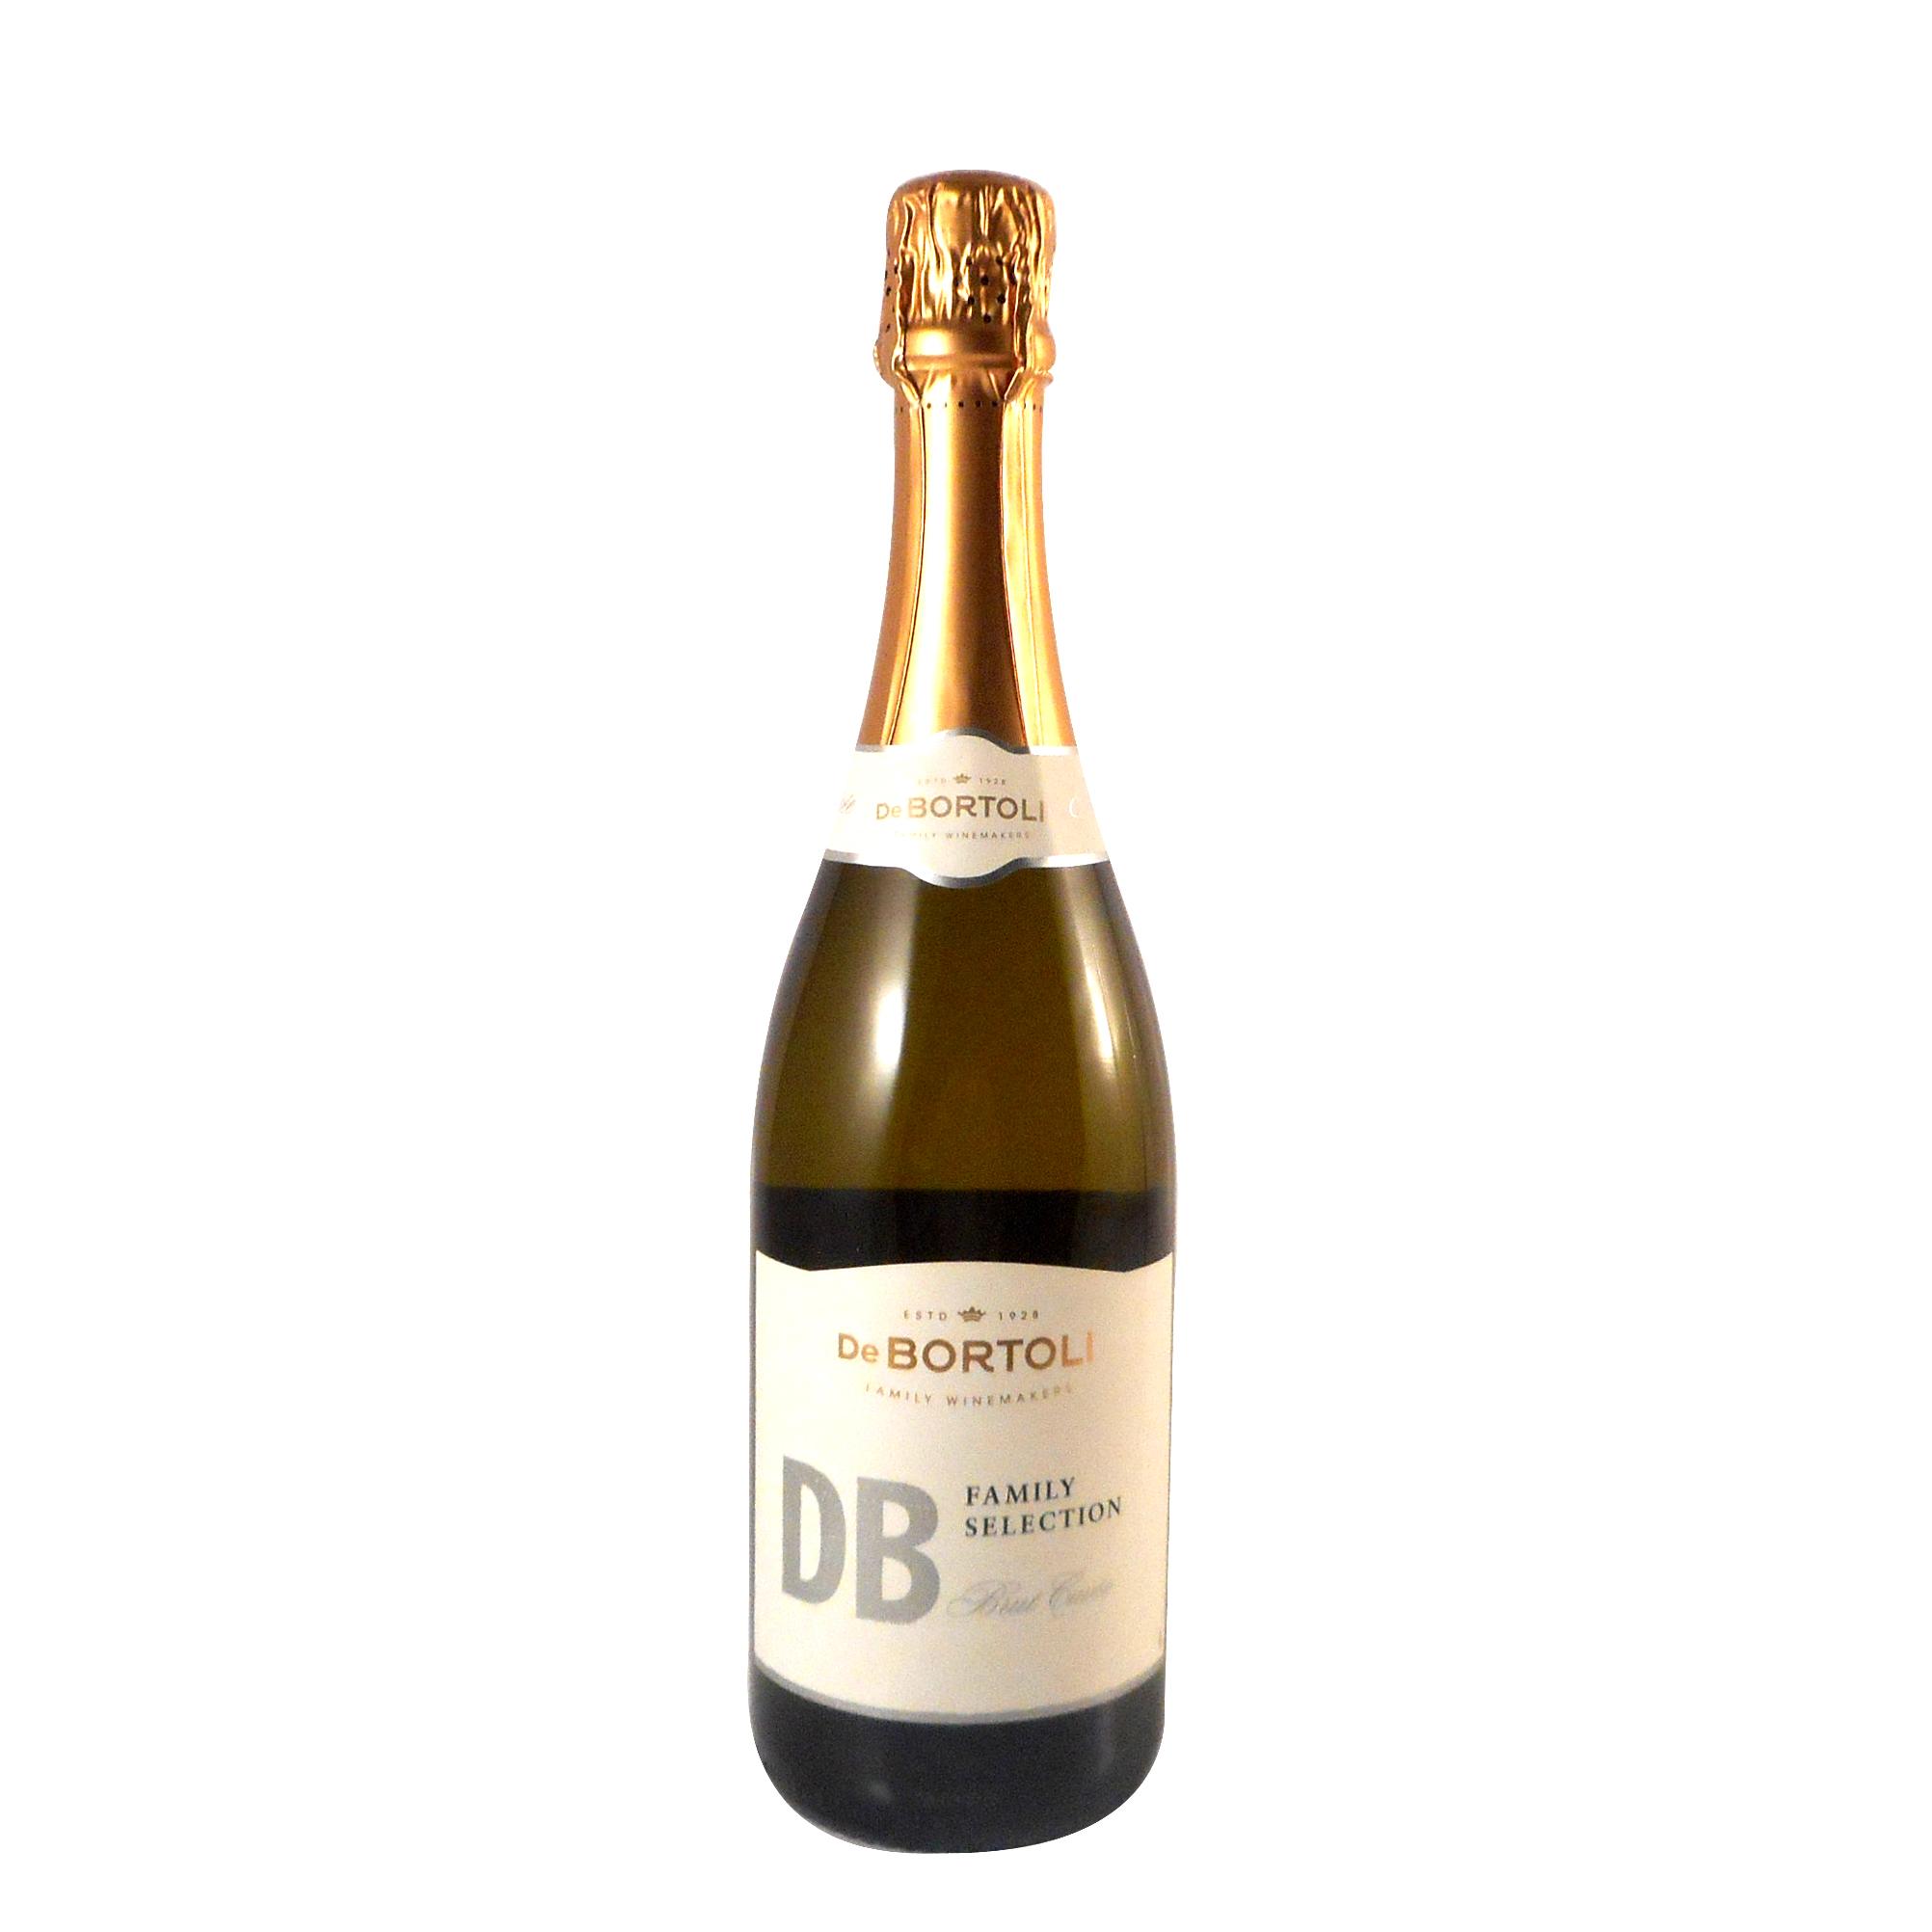 敬老の日 ギフト  お酒 敬老の日 ギフト プレゼント DB(ディービー)スパークリング ブリュットNV 750ml オーストラリア デ ボルトリ 白ワイン コンビニ受取対応商品 ヴィンテージ管理しておりません、変わる場合があります